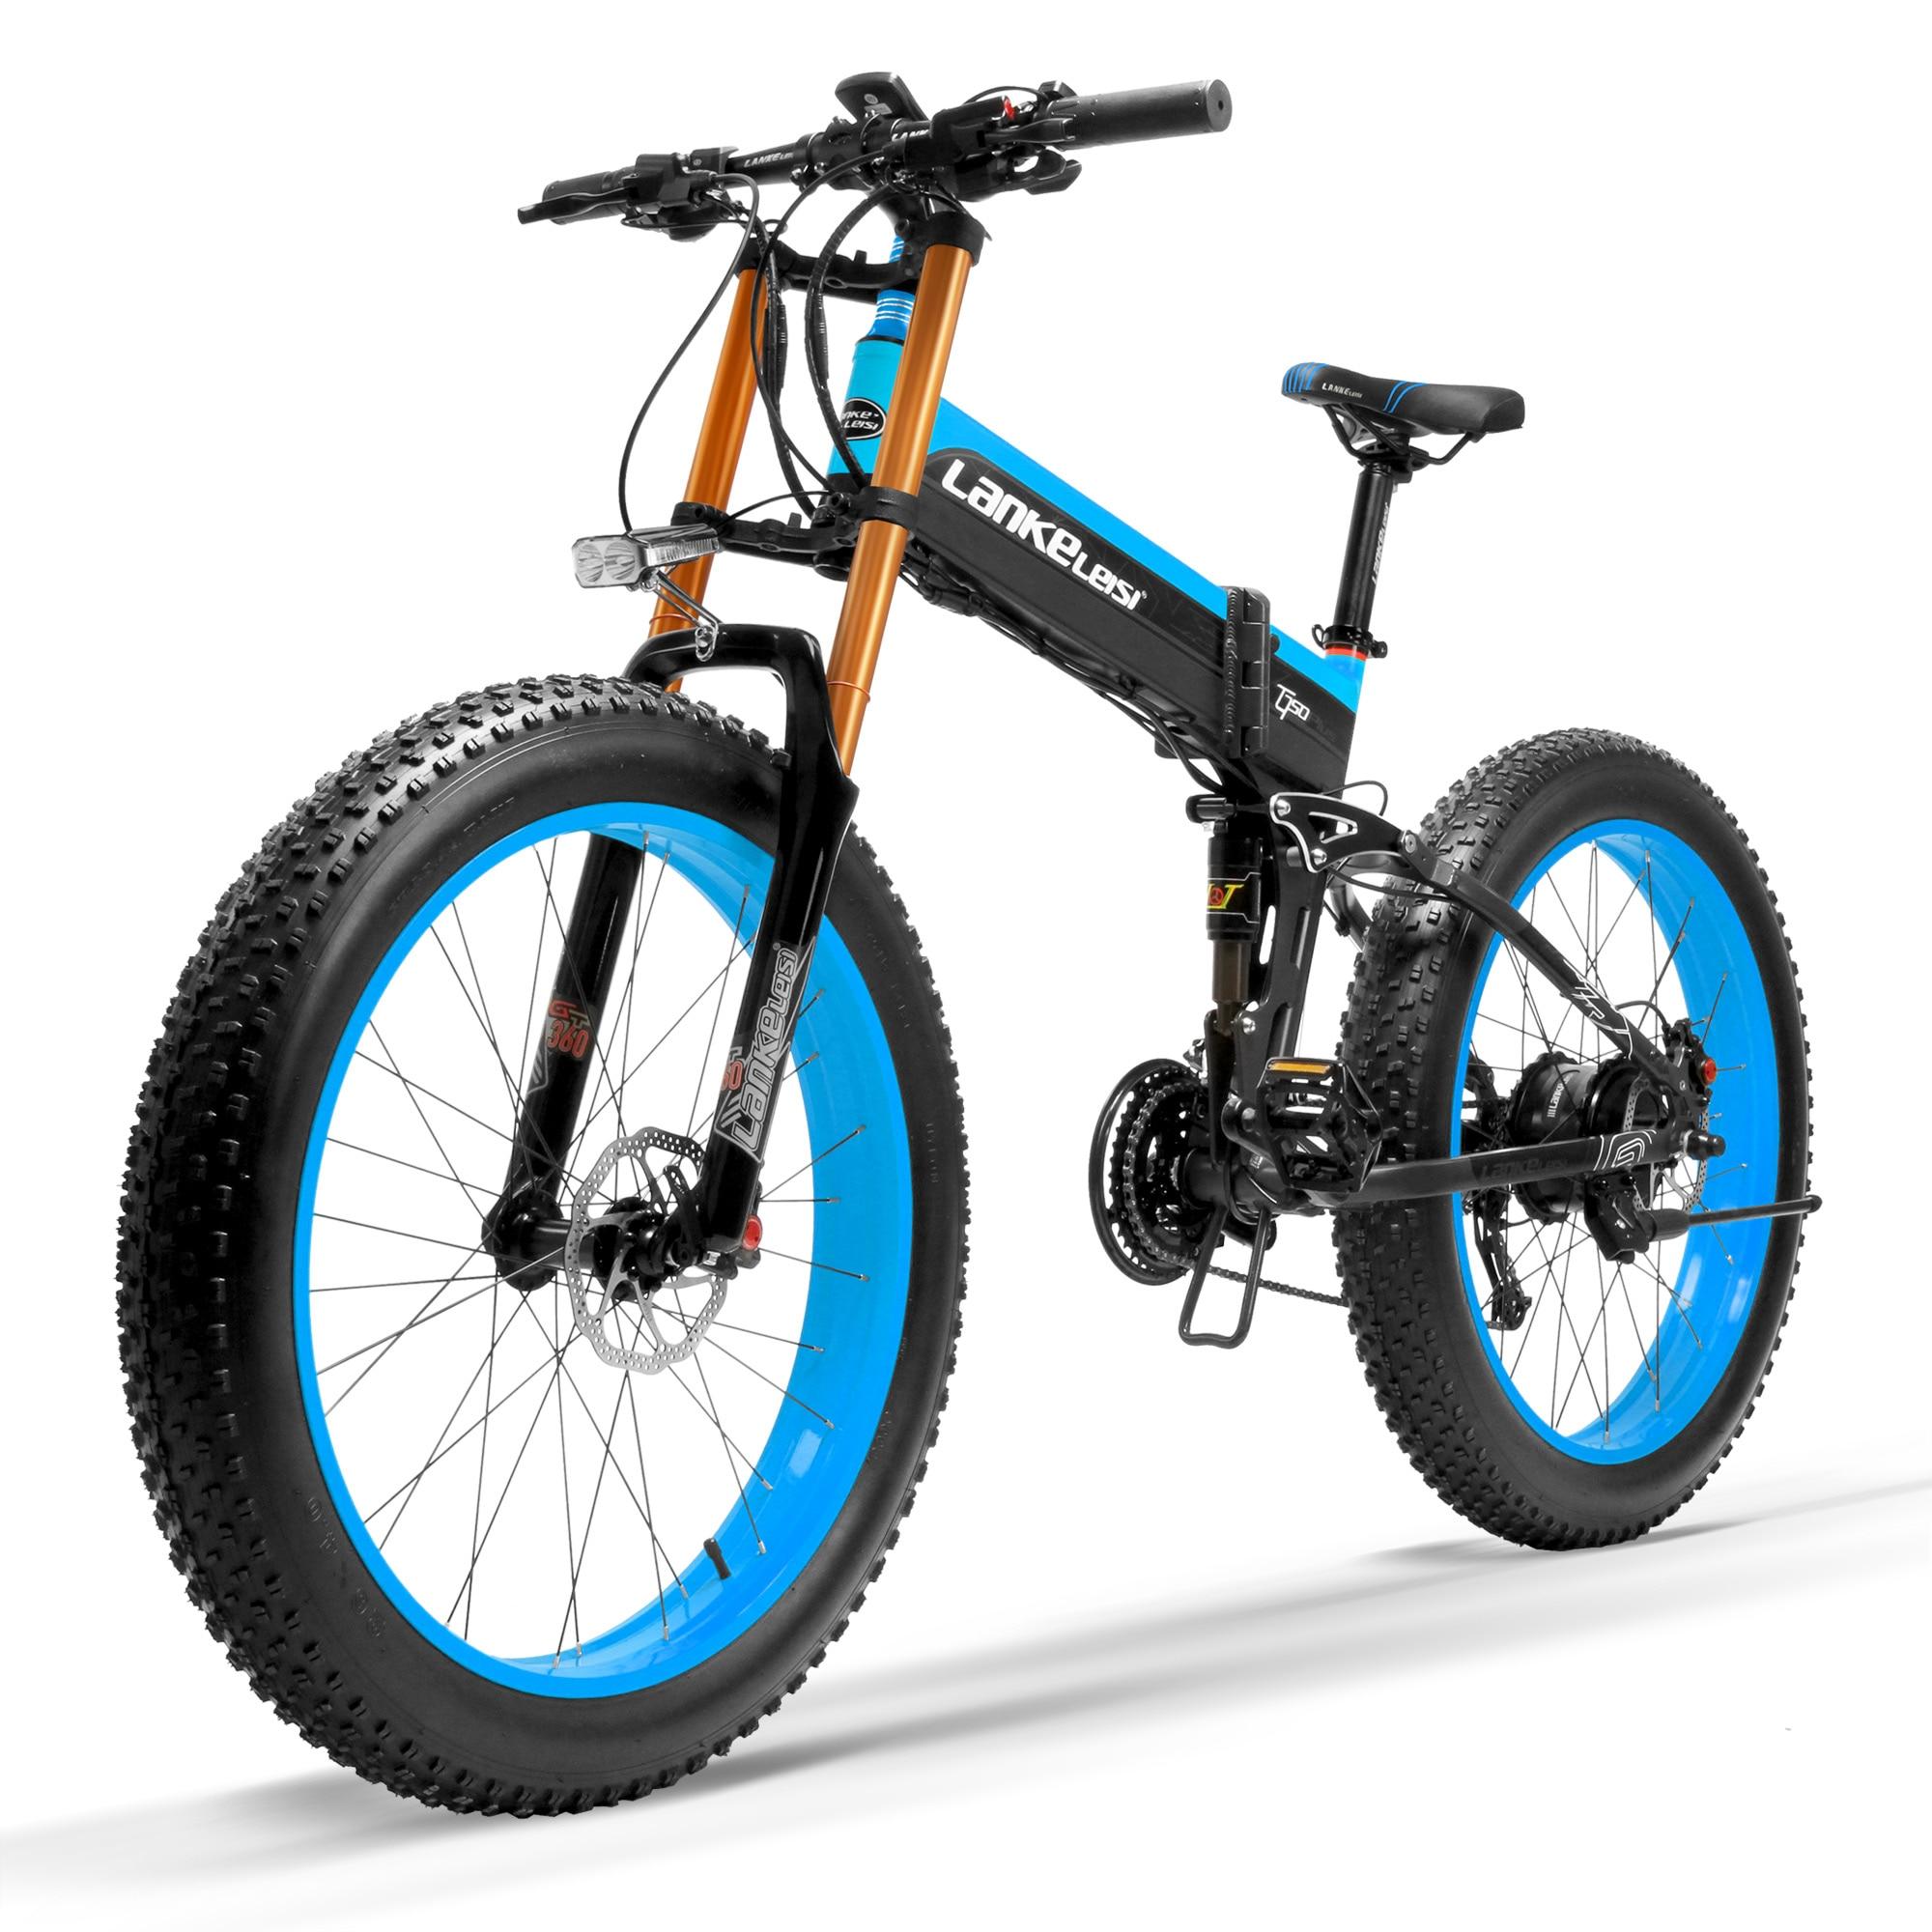 T750Plus Pieghevole Bici Elettrica, 48V 10A/14.5A Batteria Li-Ion, 1000W Potente Motore 5 Livello Pedale Assistere Sensore, Aggiornato Forcella